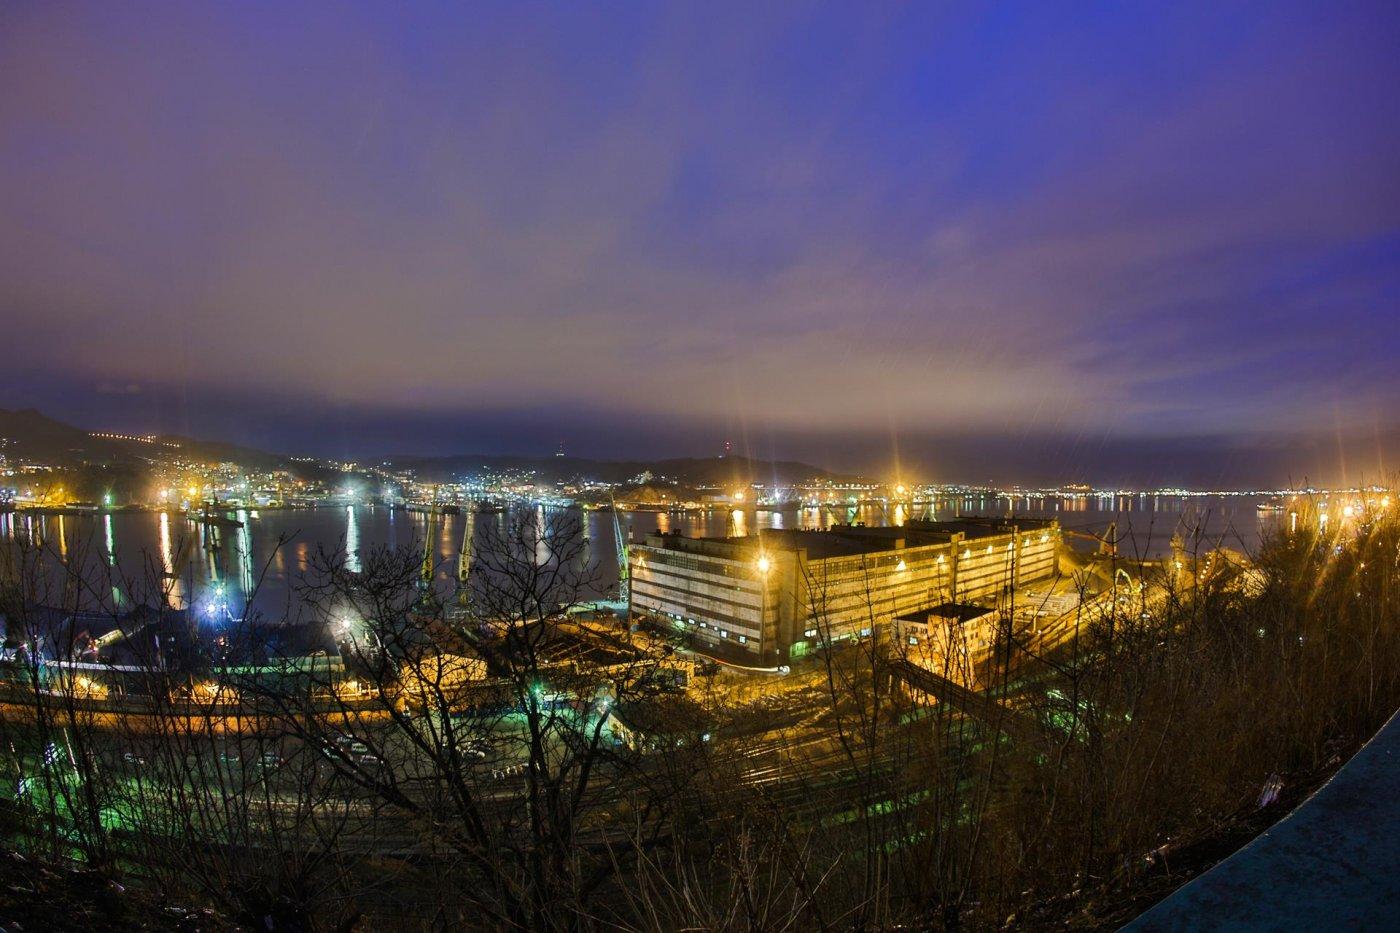 Фото 0373-1 (Copy).jpg. Россия, Приморский край, город Находка, Unnamed Road